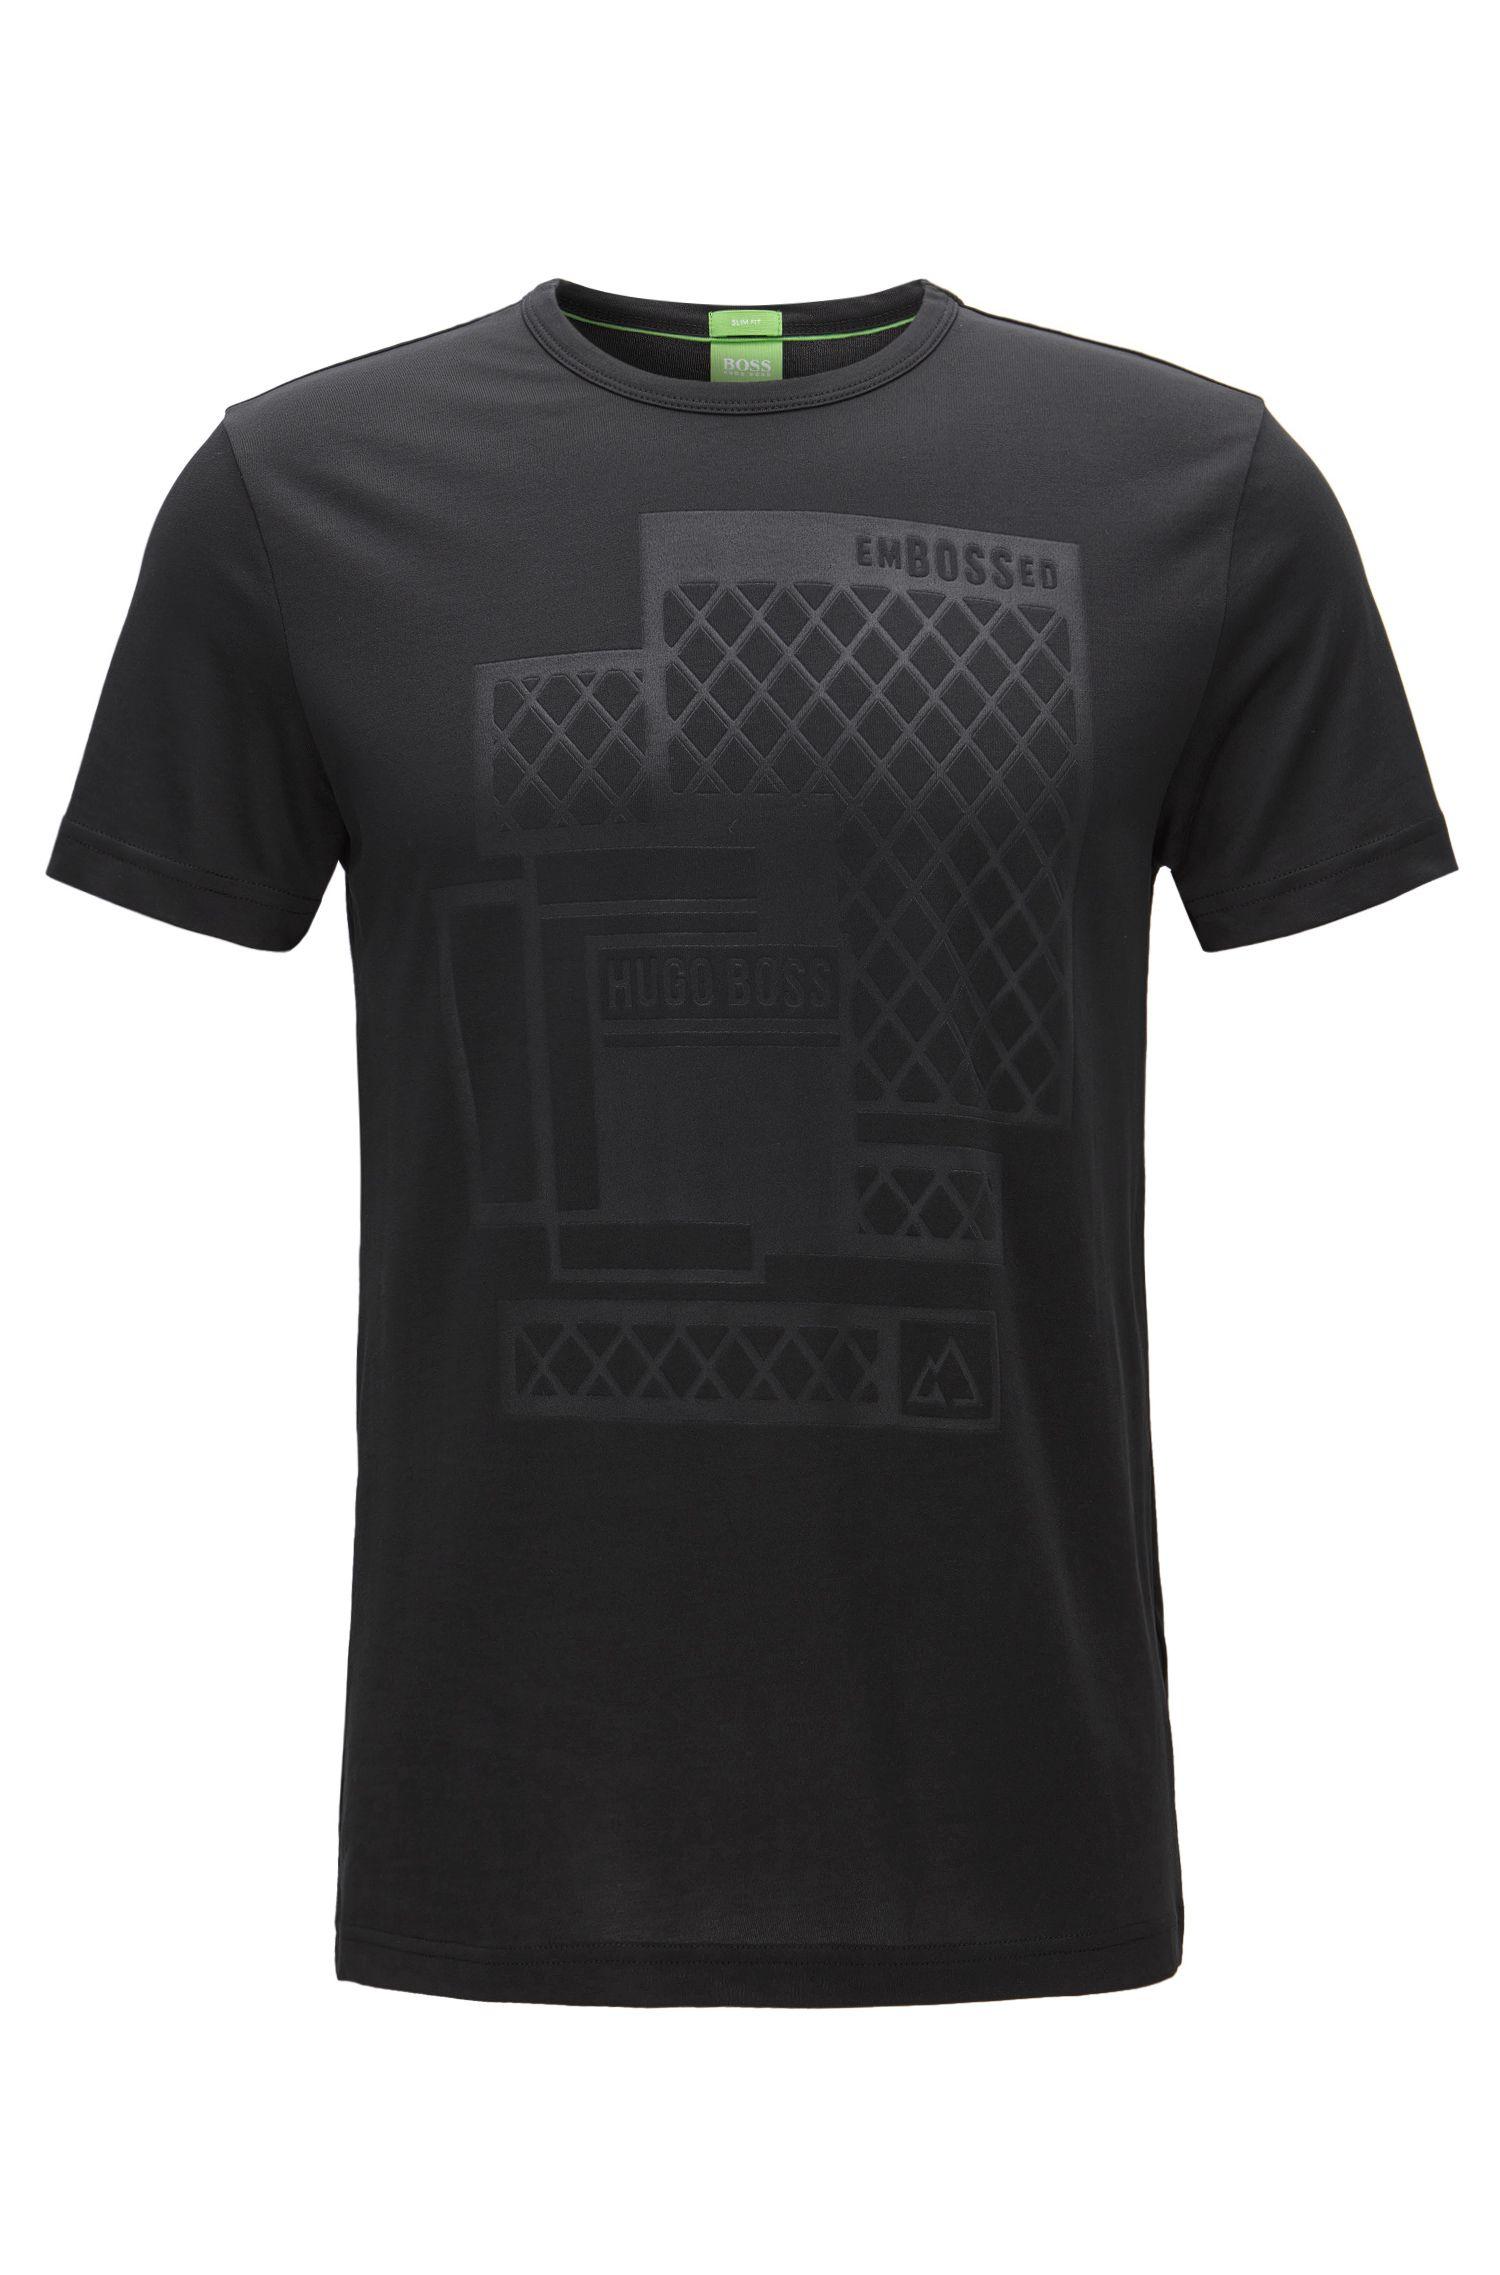 Camiseta slim fit con grabado en punto sencillo